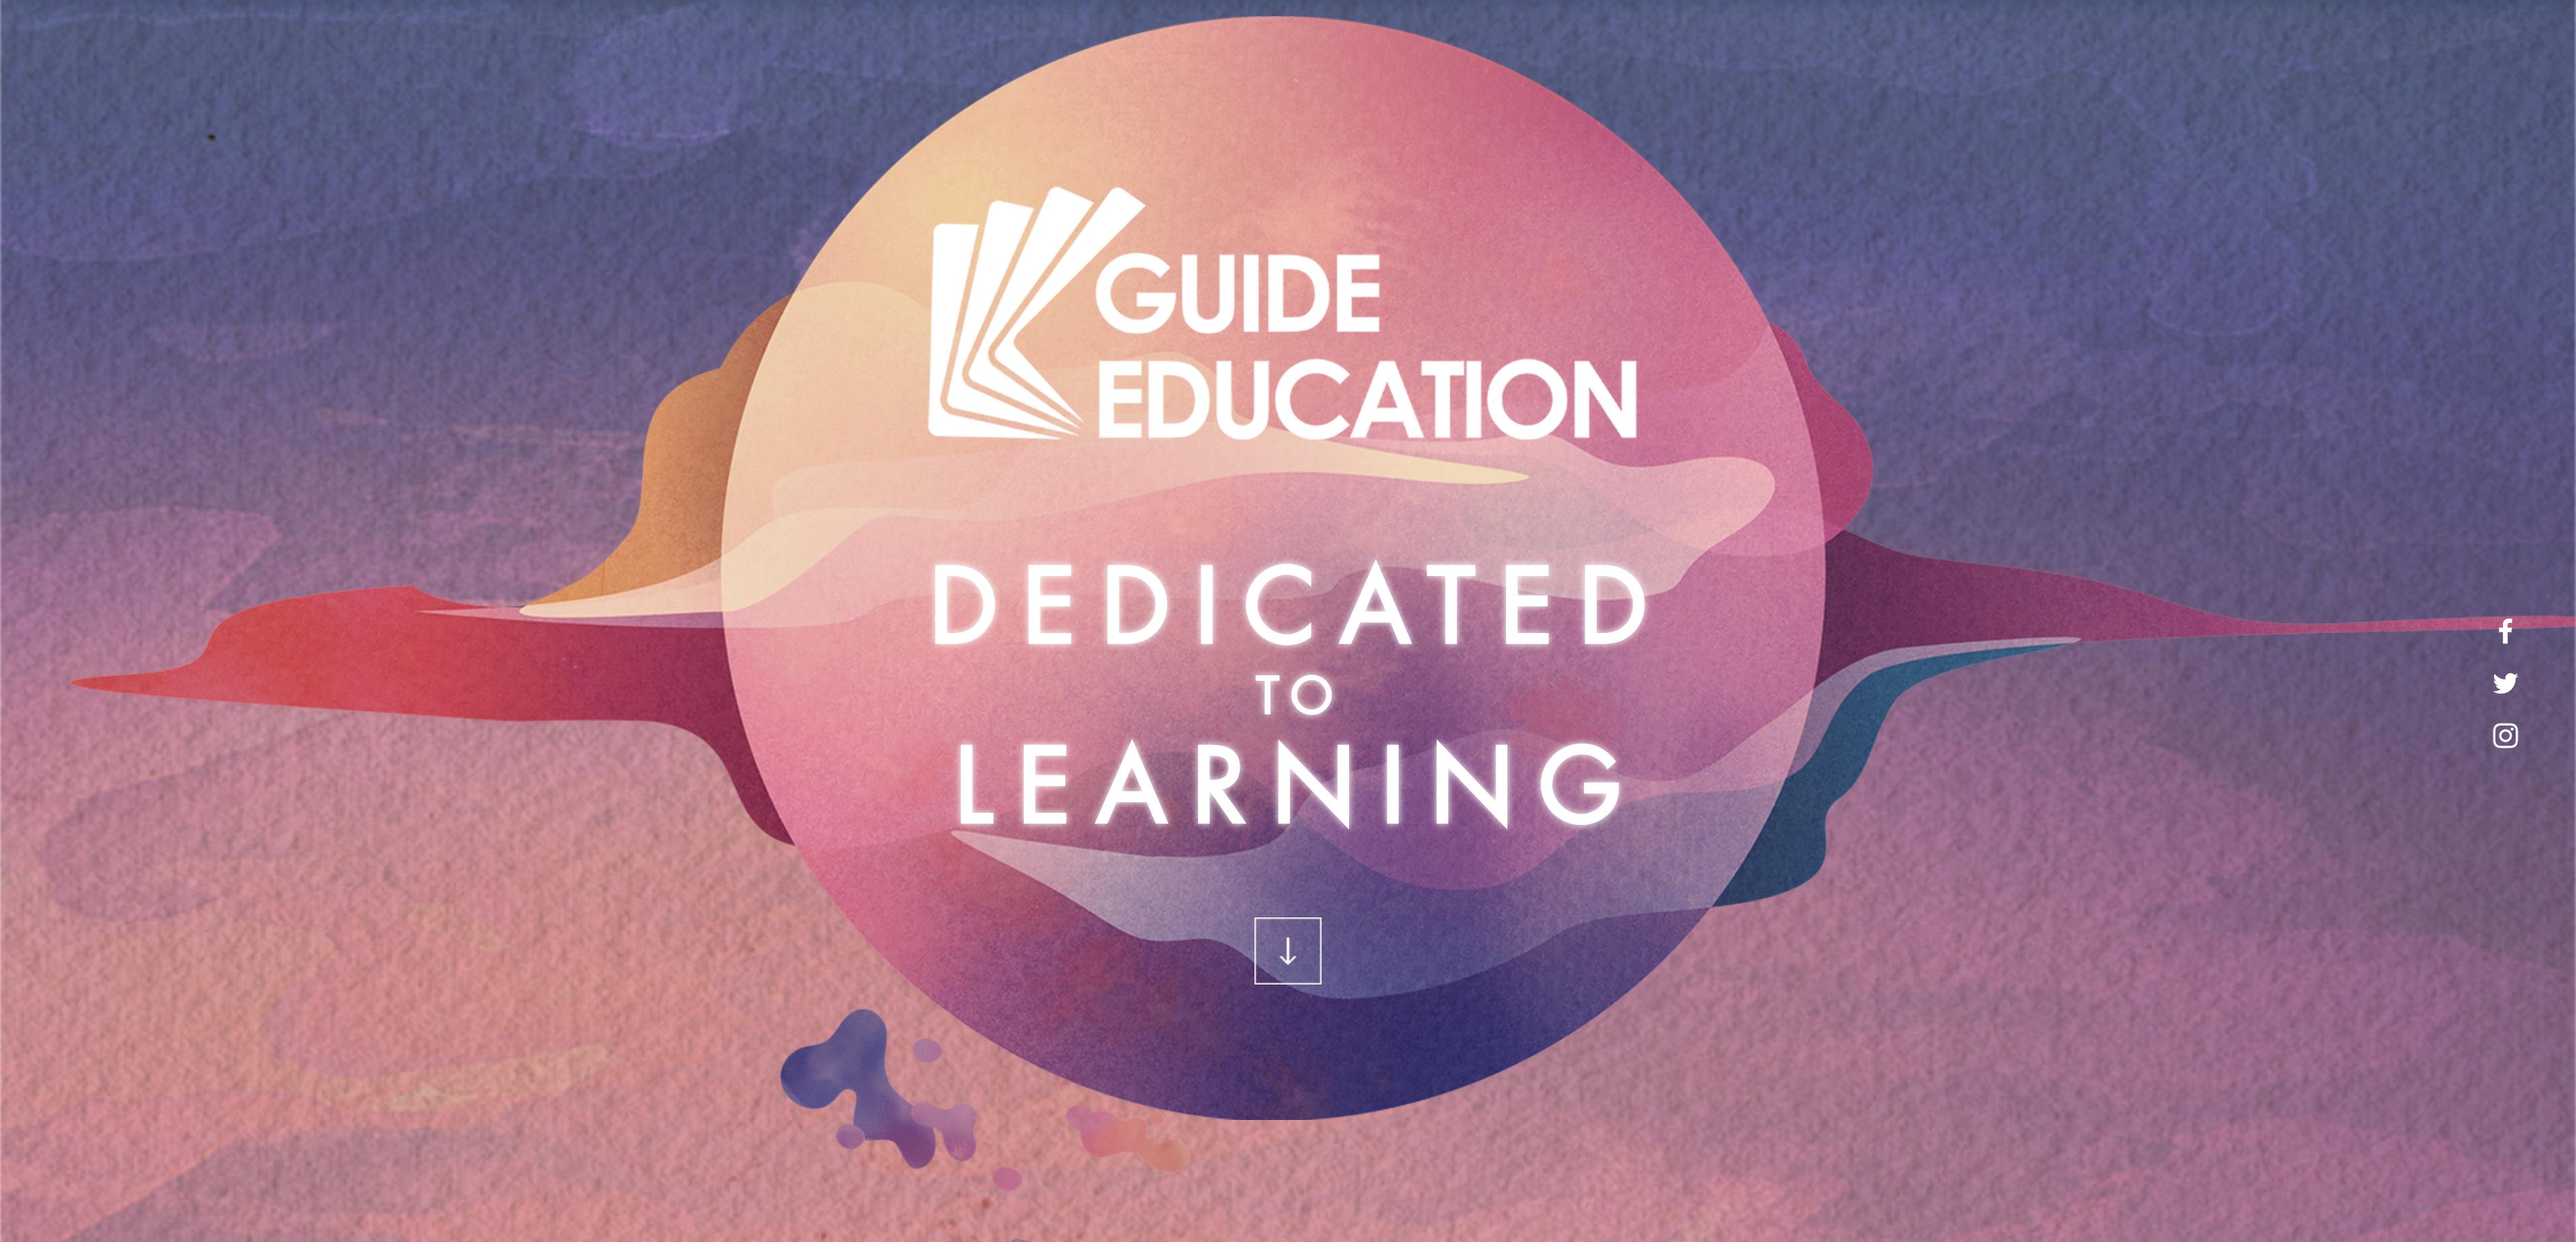 Guide Education | Online Learning & Teacher Development